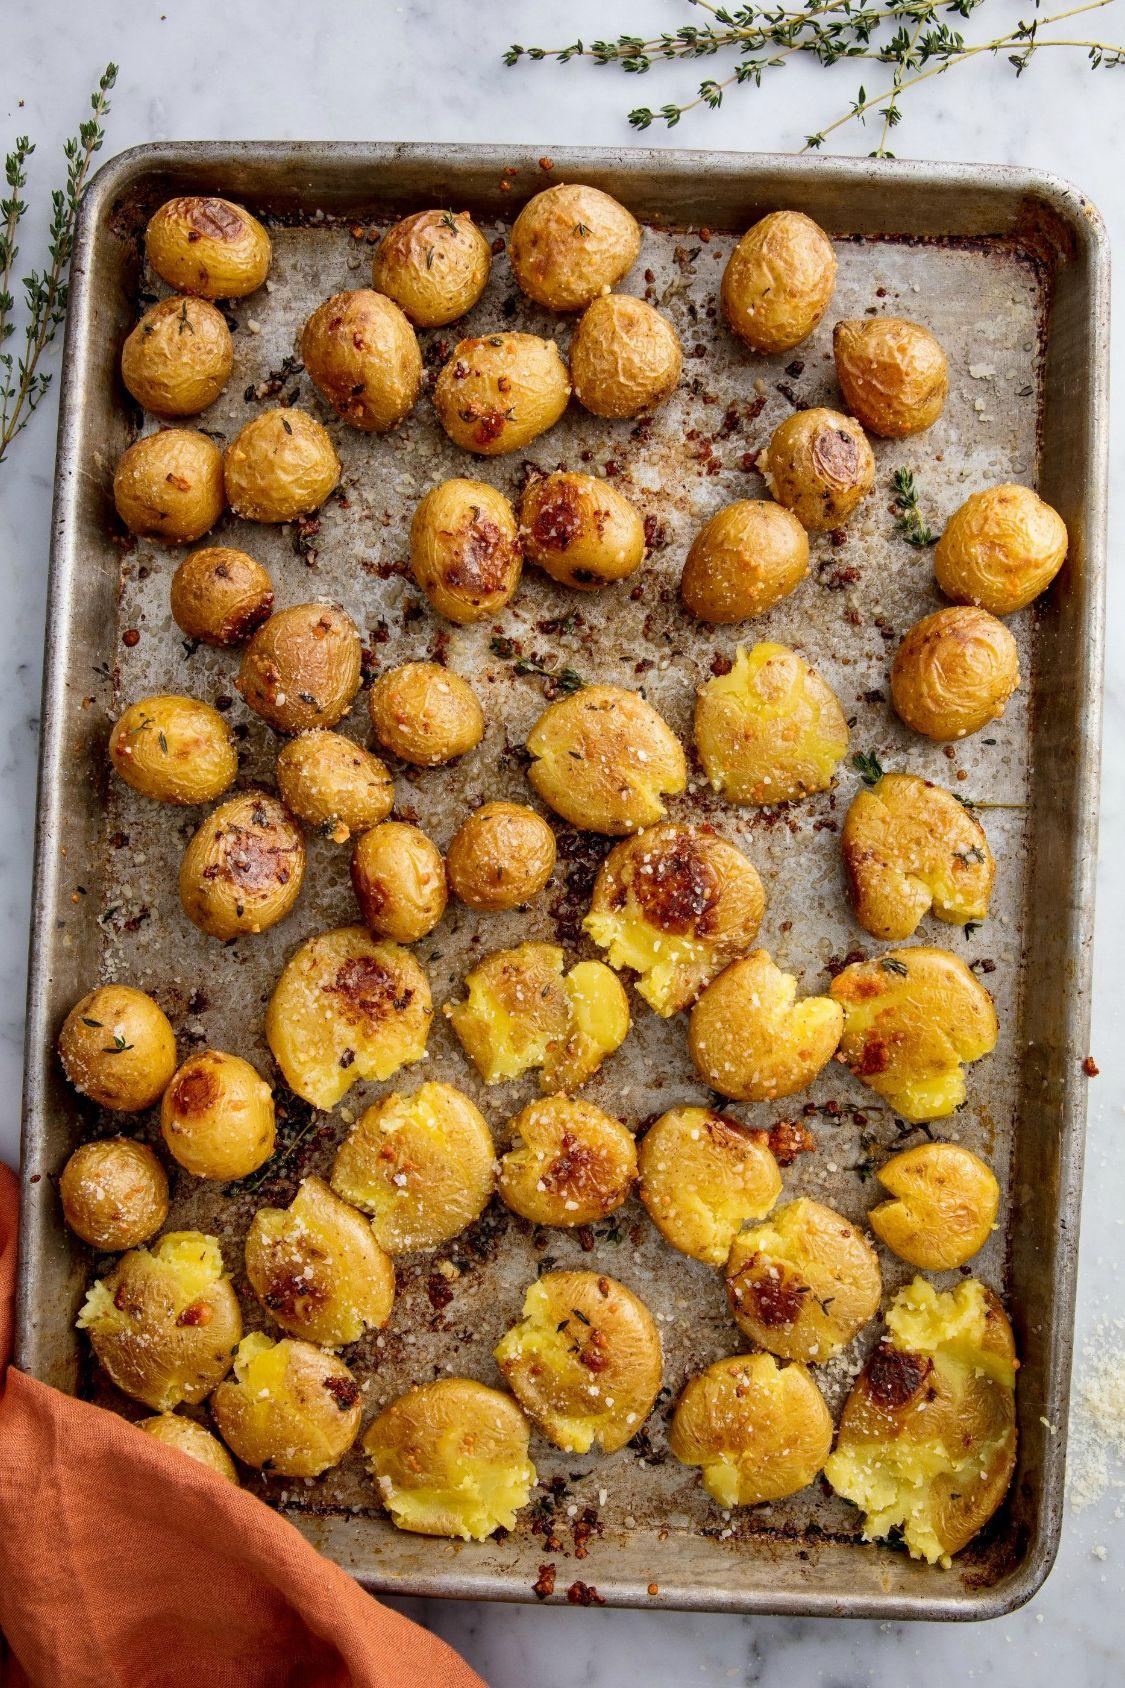 Garlic Smashed Potatoes Vertical